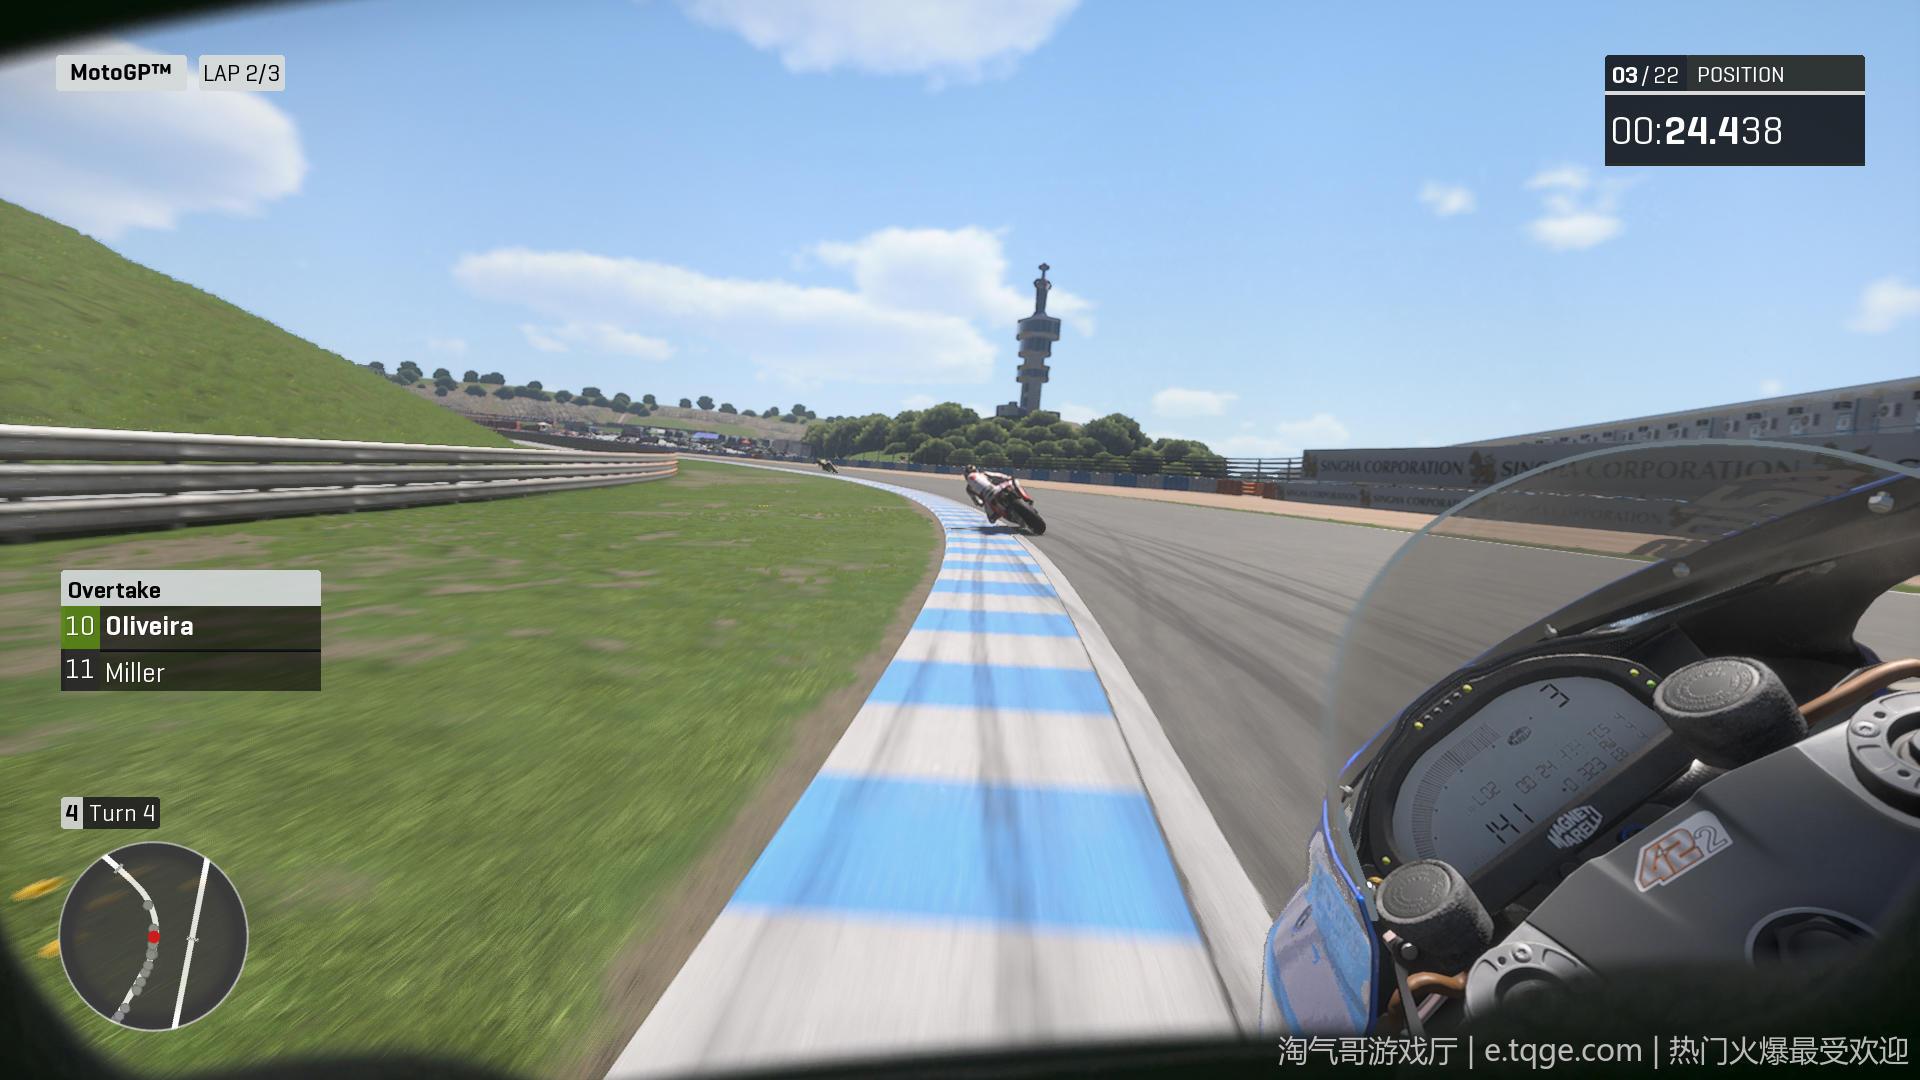 世界摩托大奖赛20/摩托GP20 热门游戏 第5张